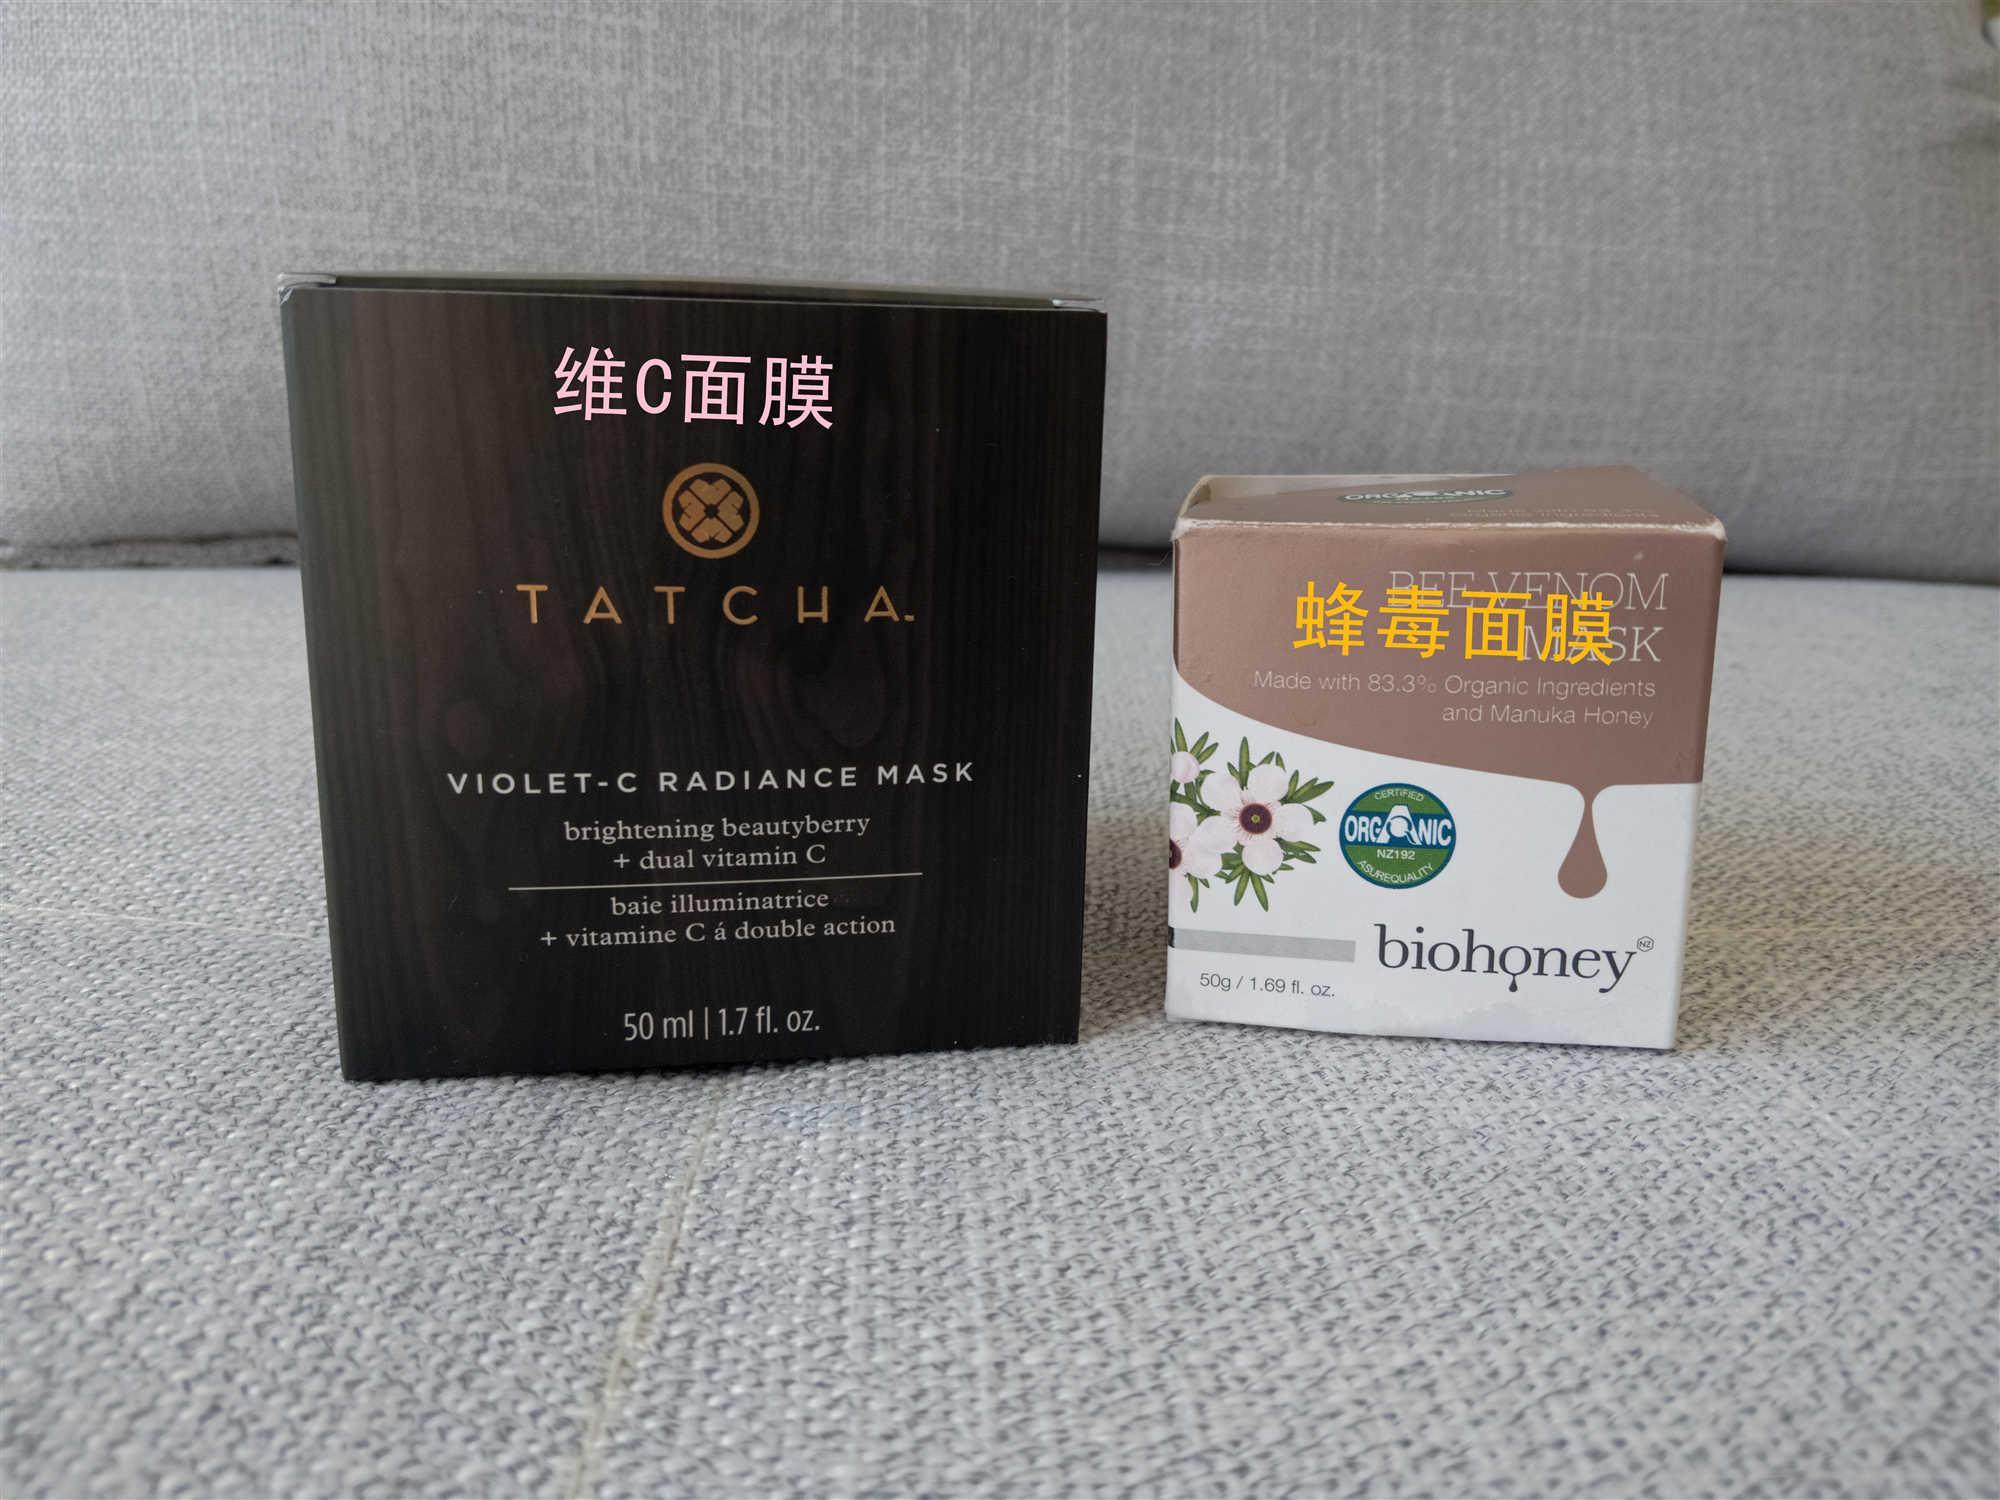 两盒PK_副本_副本.jpg